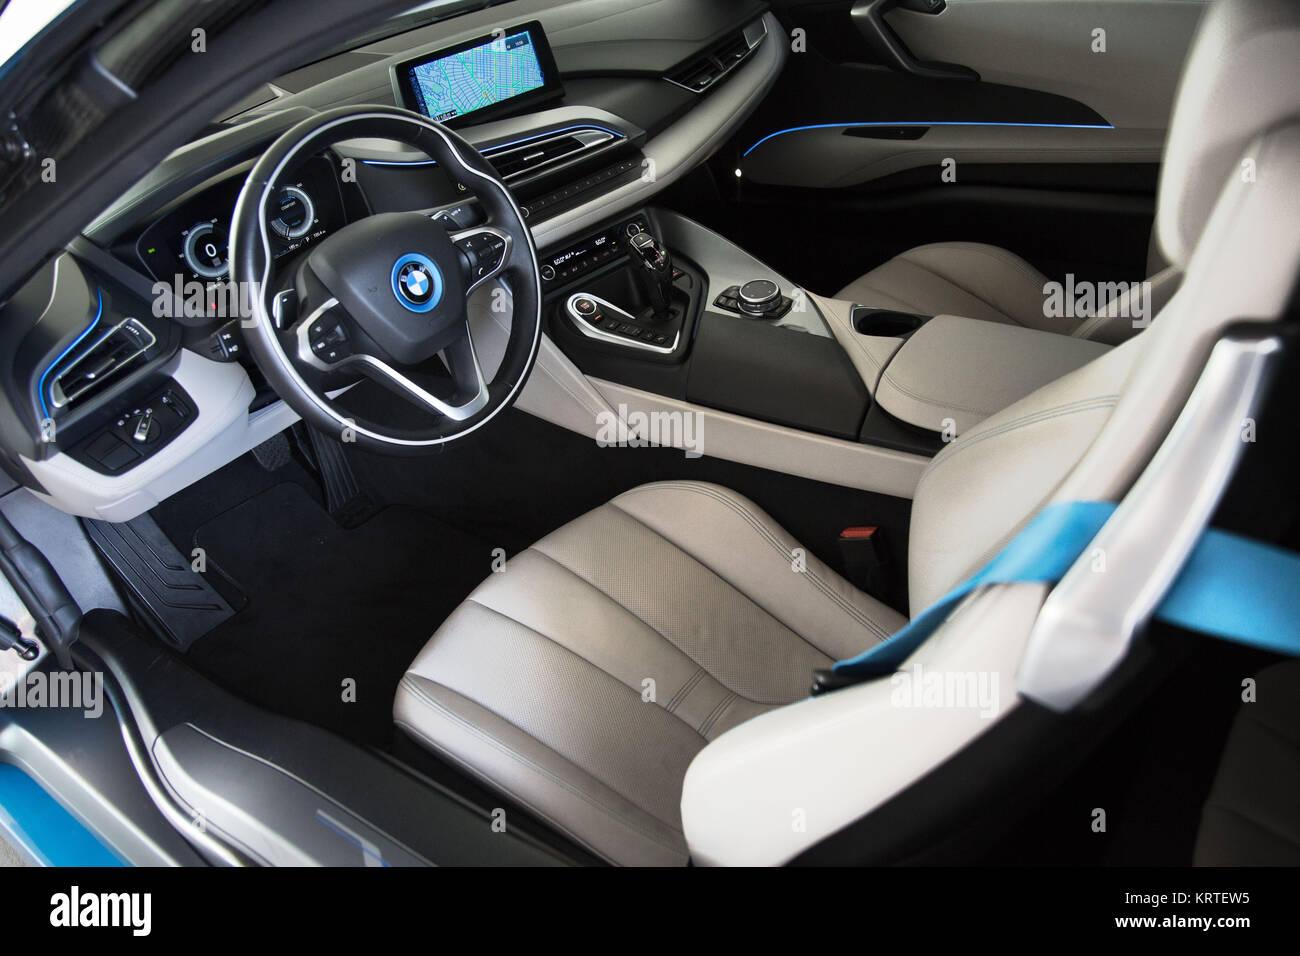 bmw i8 coupe blu nero esterno interno foto immagine. Black Bedroom Furniture Sets. Home Design Ideas